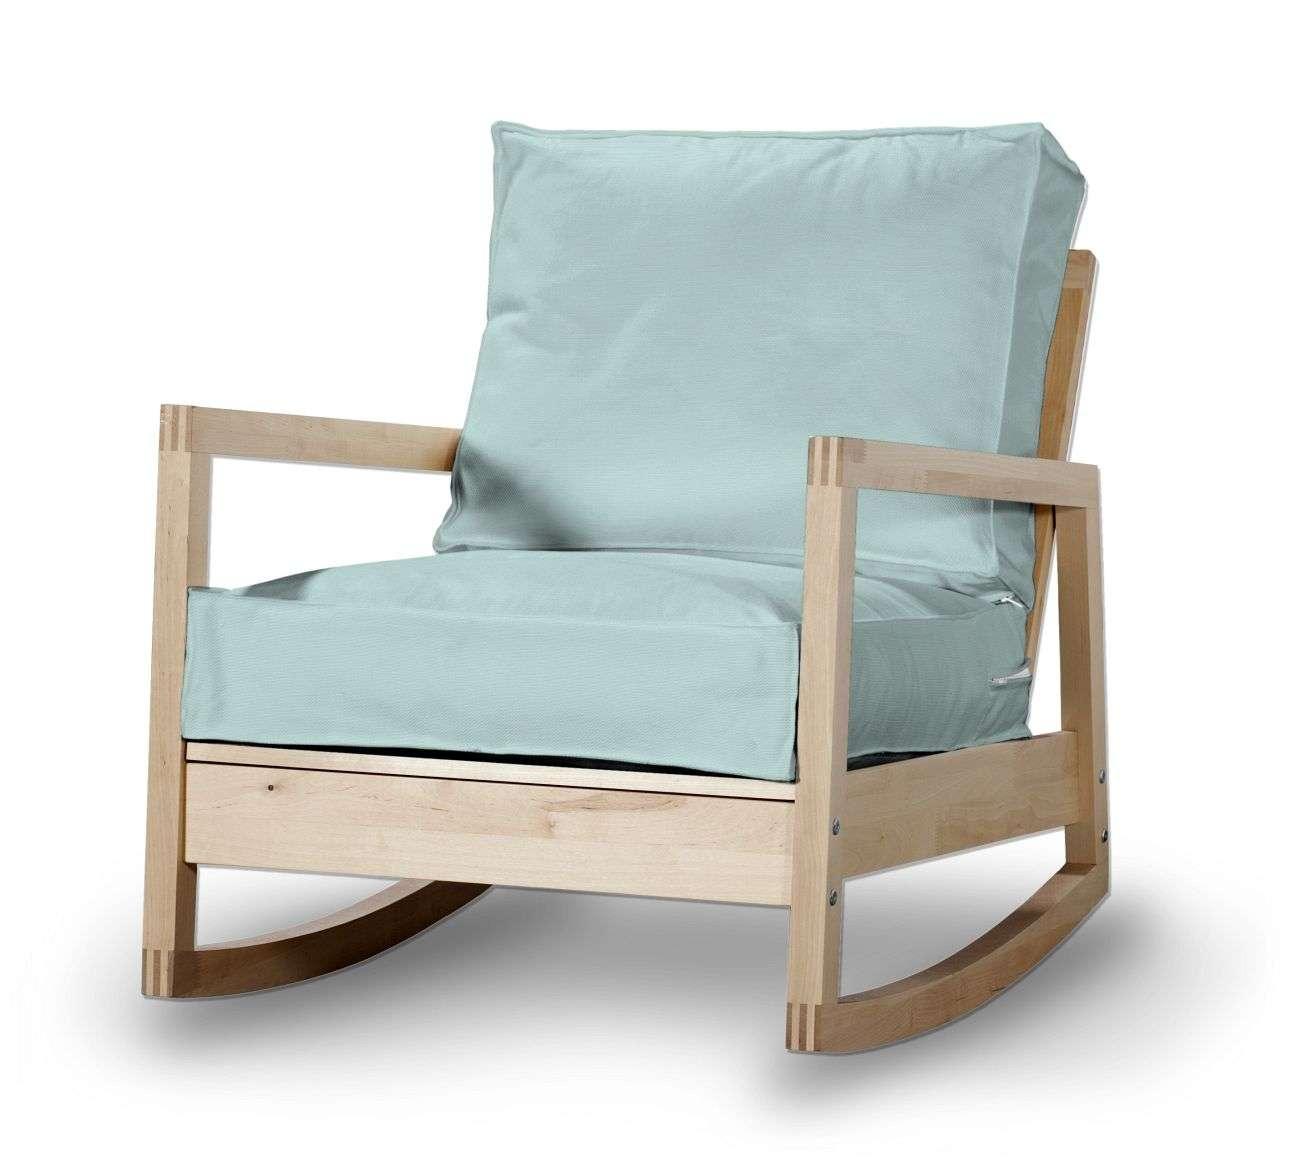 LILLBERG fotelio užvalkalas LILLBERG fotelio užvalkalas kolekcijoje Cotton Panama, audinys: 702-10